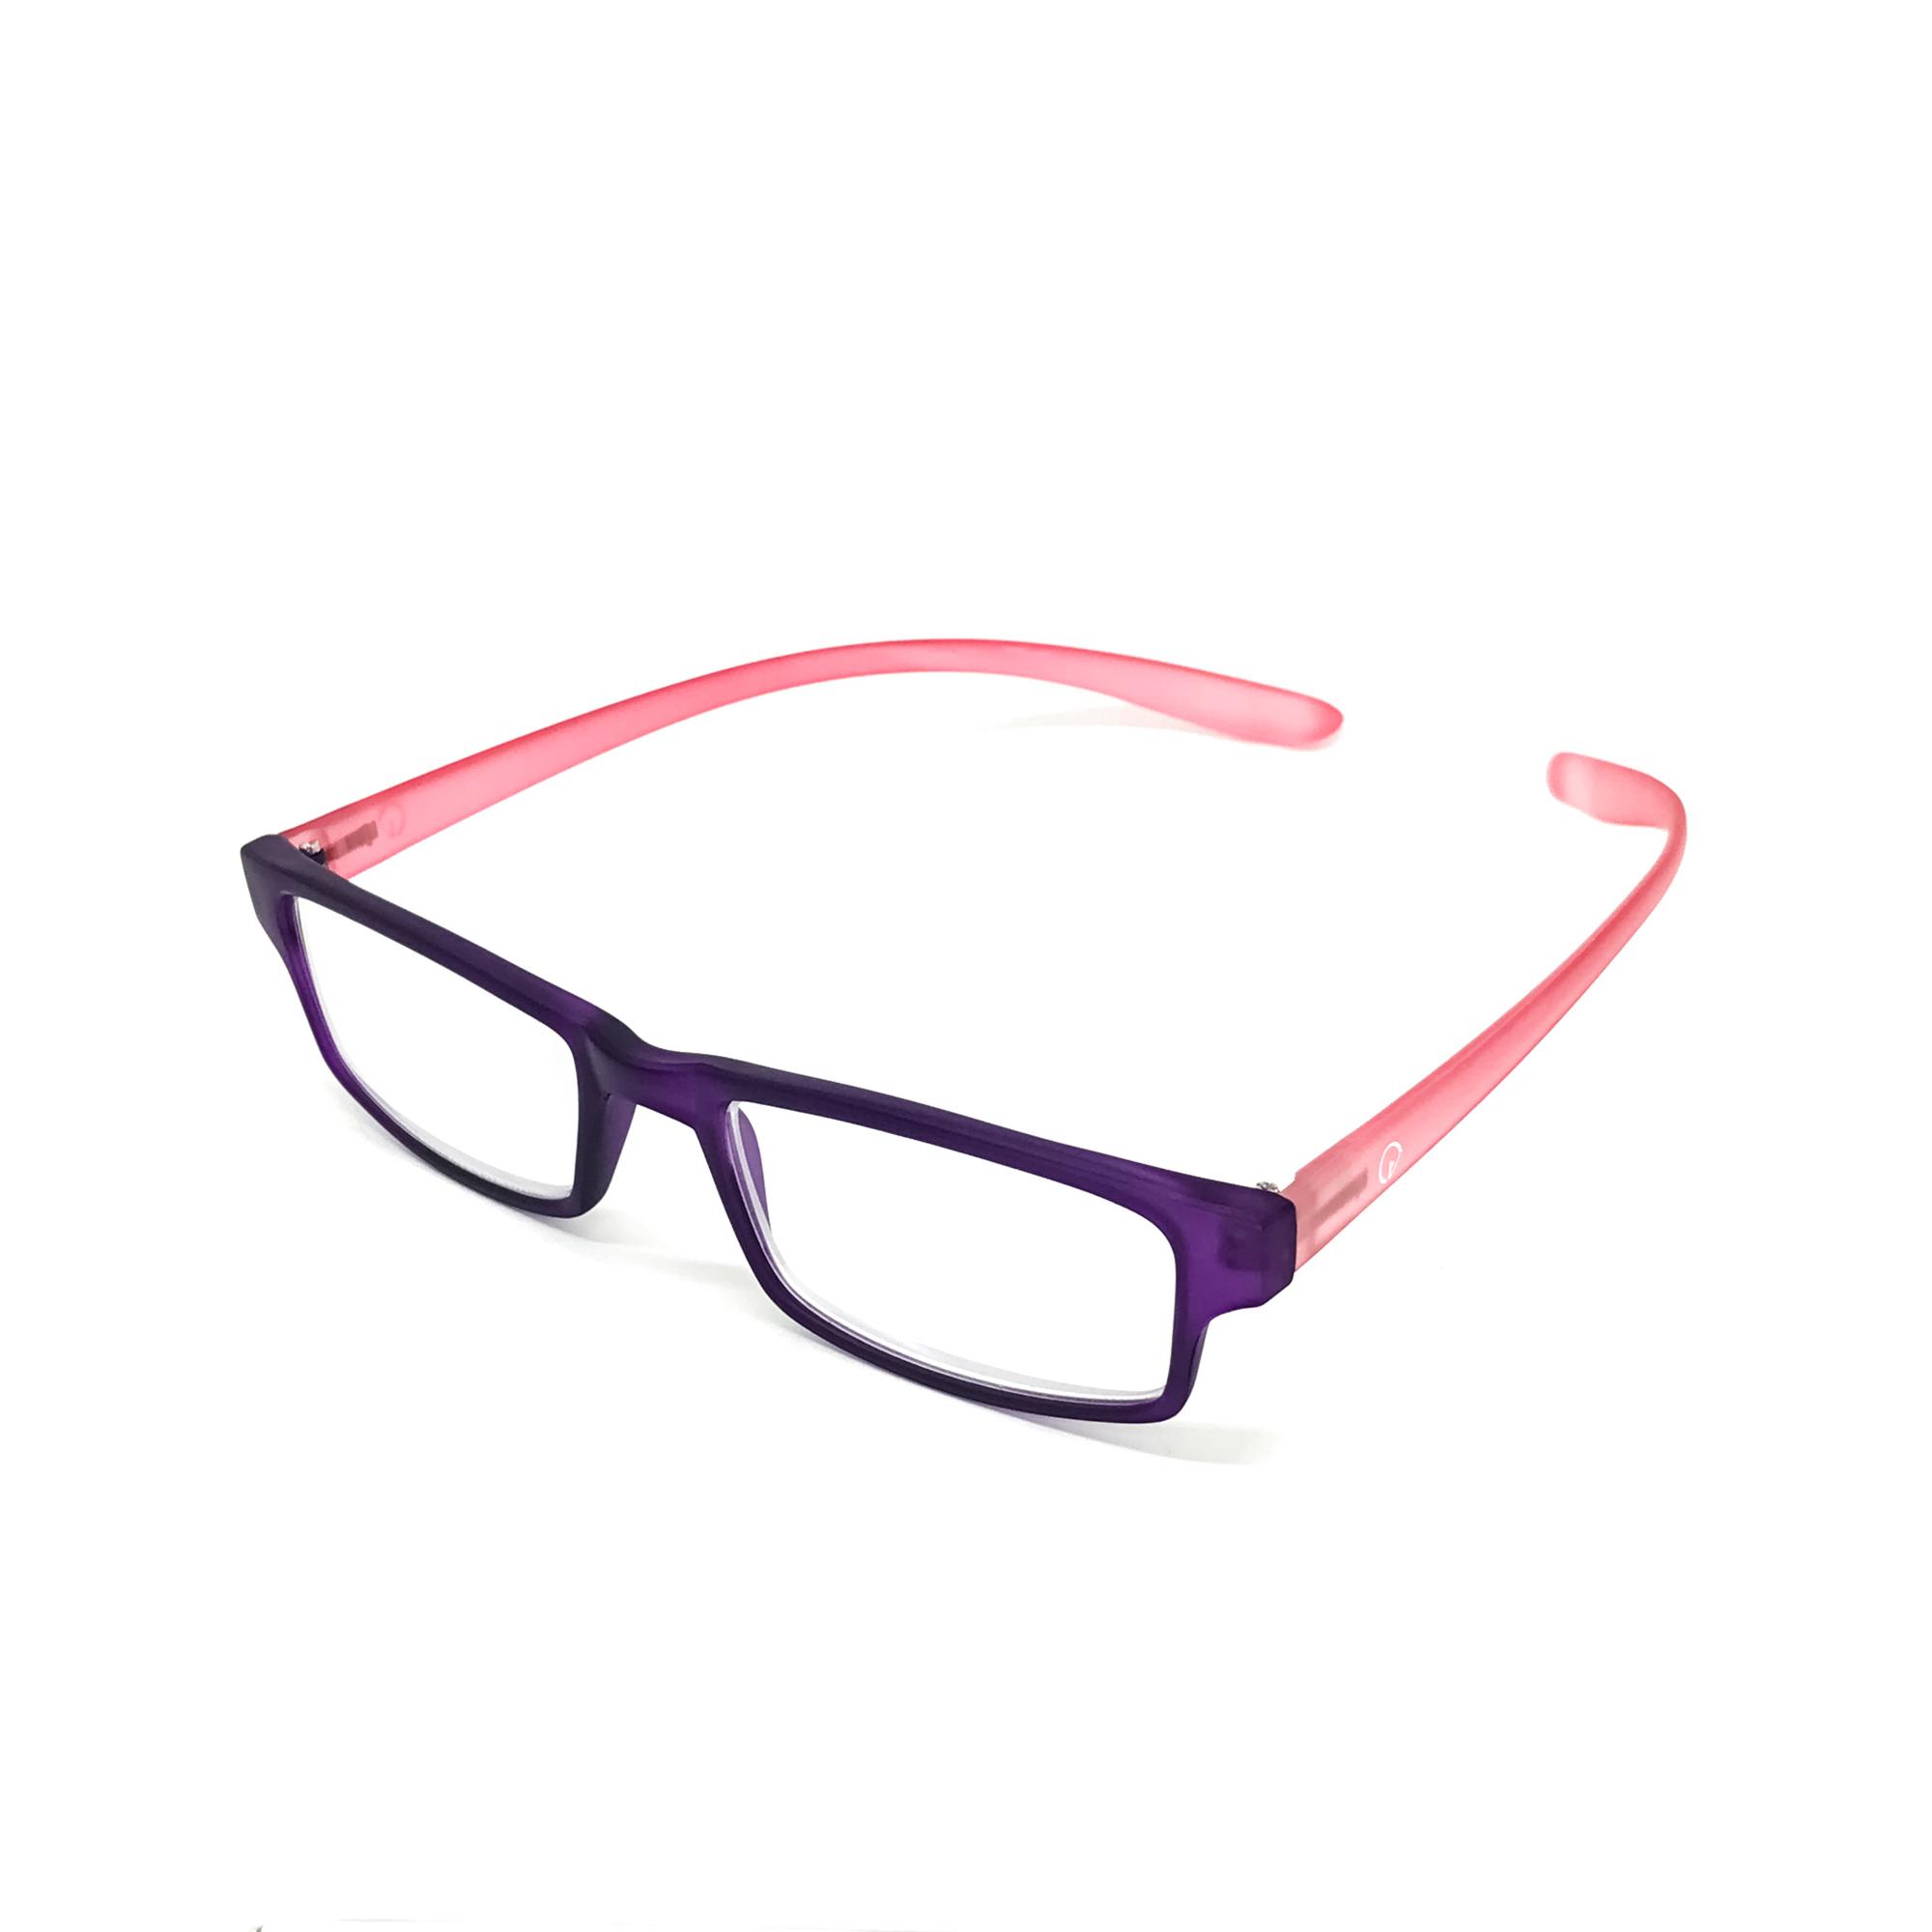 0869066 - Óculos Leitura Retangular Roxo/Rosa +3,50 Mod AR5087 - Contém 1 Peça